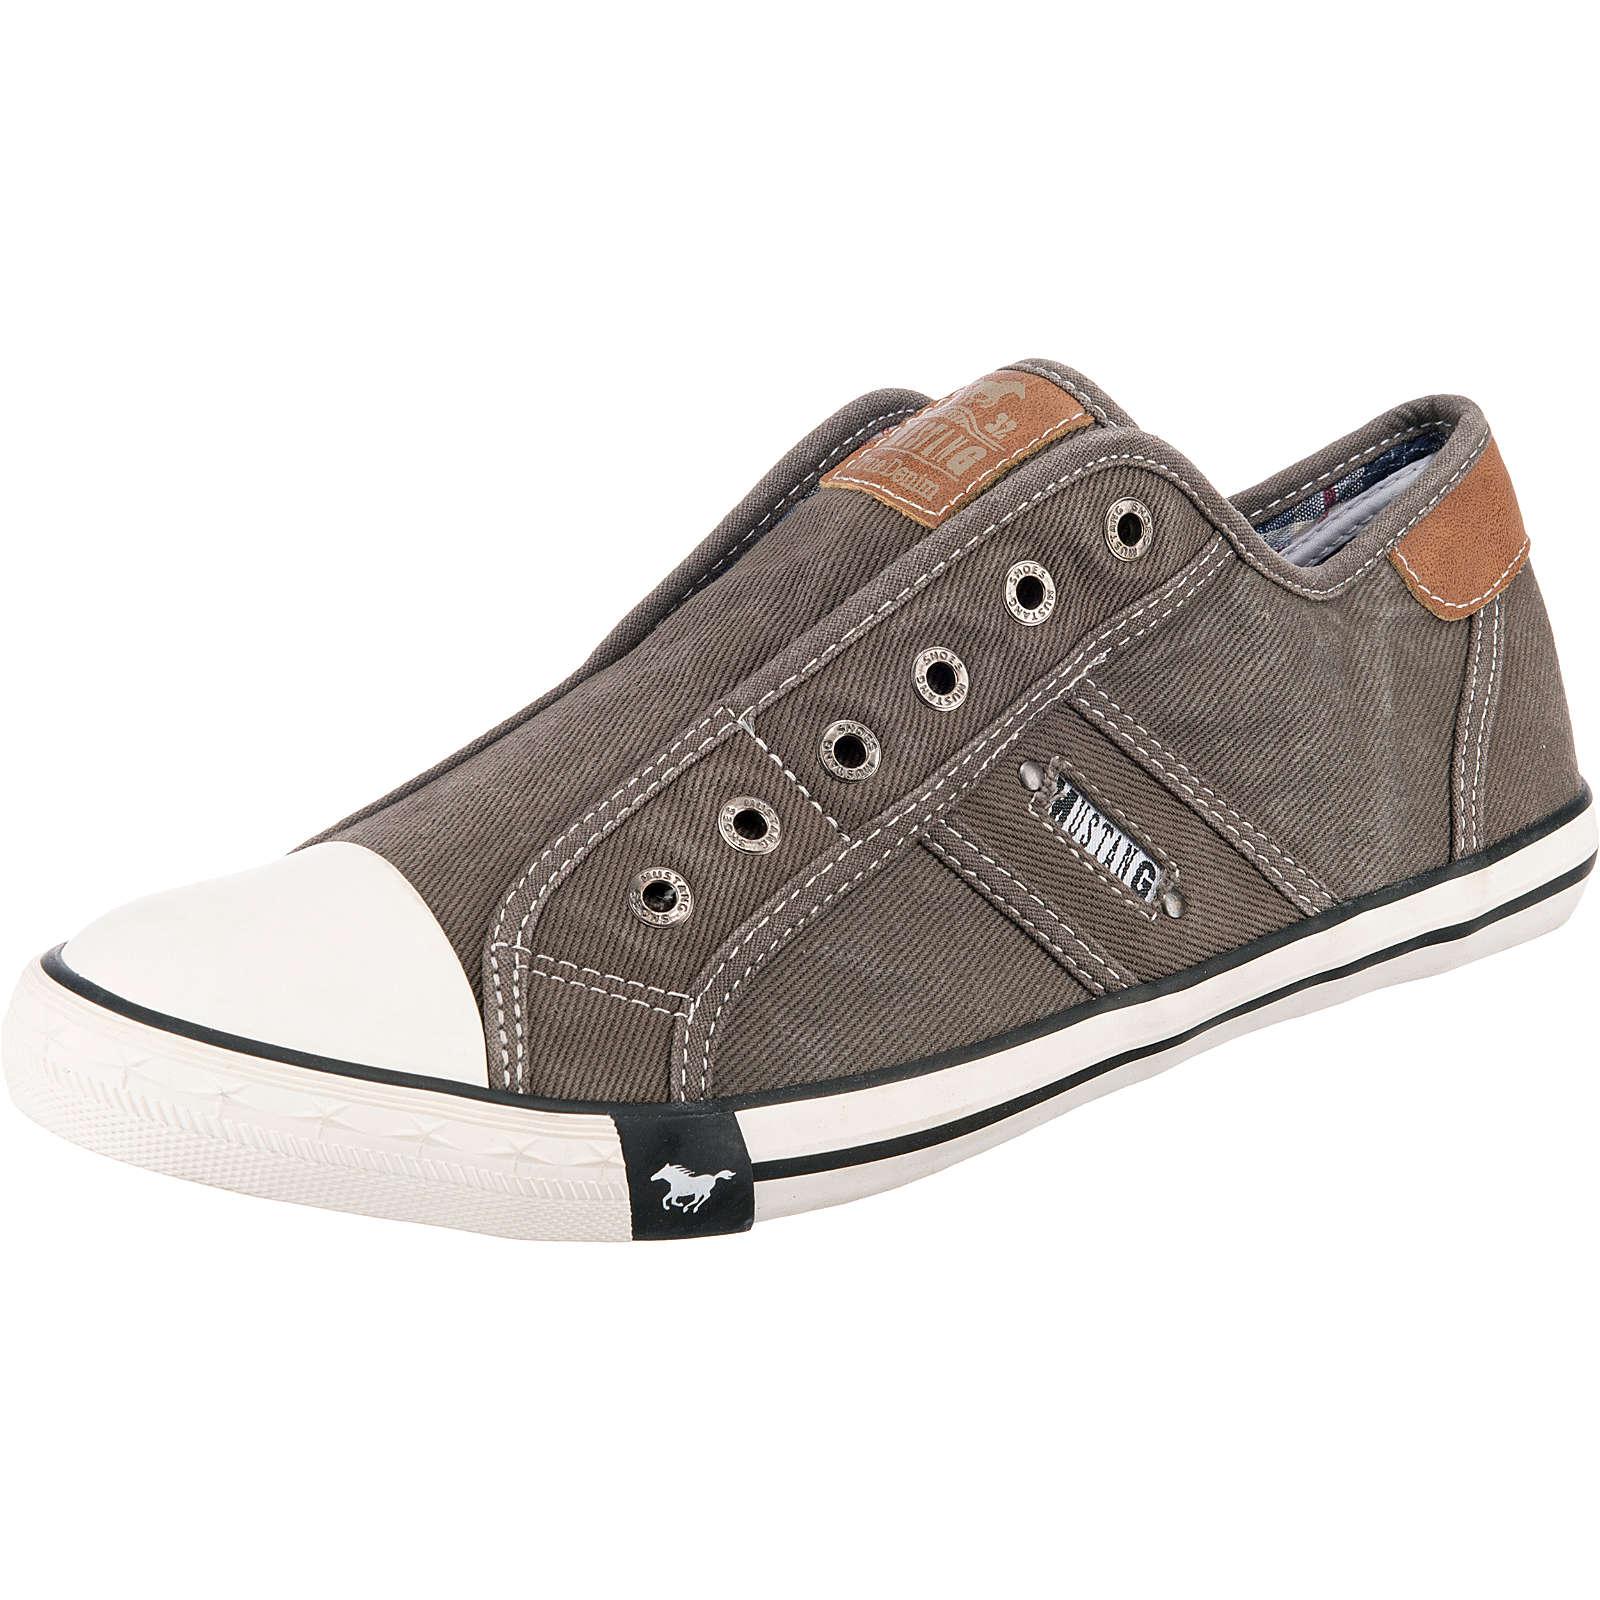 MUSTANG Slip-On-Sneaker grau Herren Gr. 45